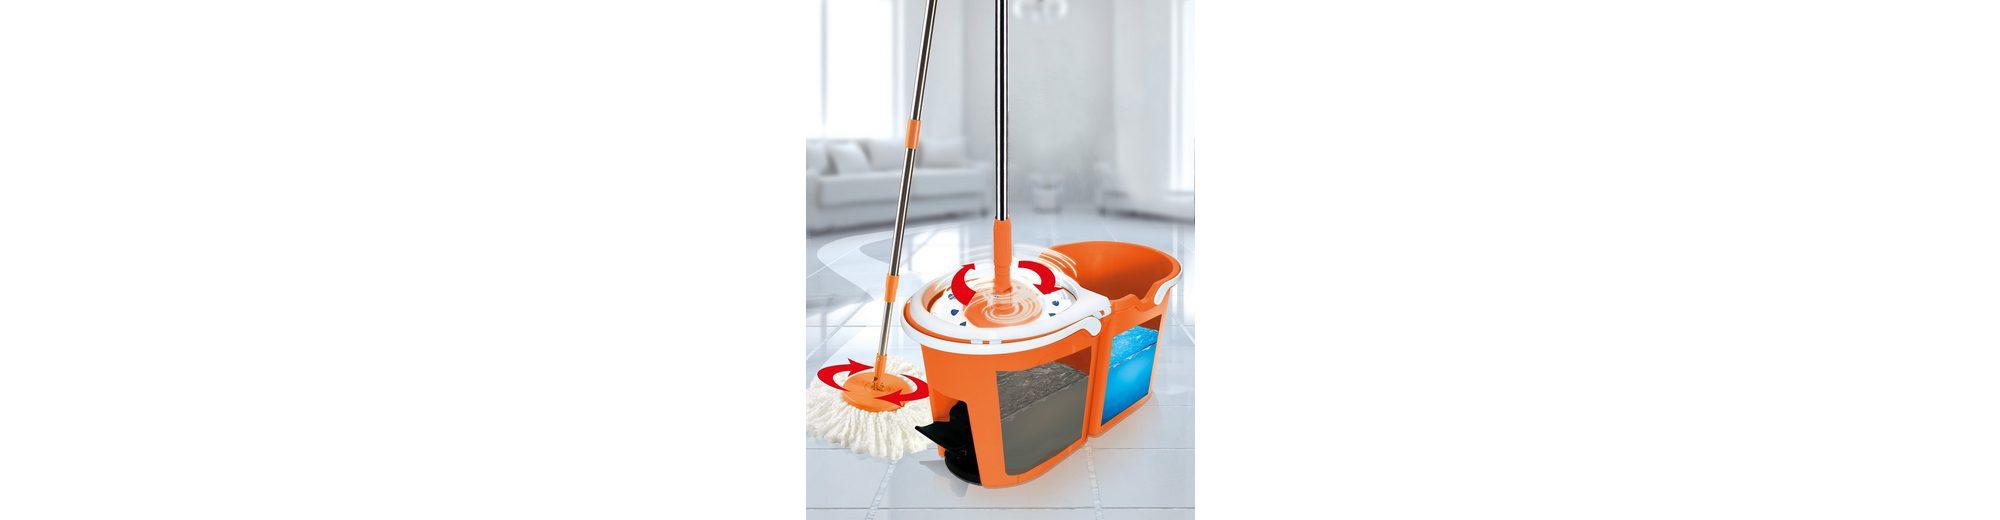 TV Werbung HSP, Putzglück Clever Spin Boden-Wischsystem Premium-Orange